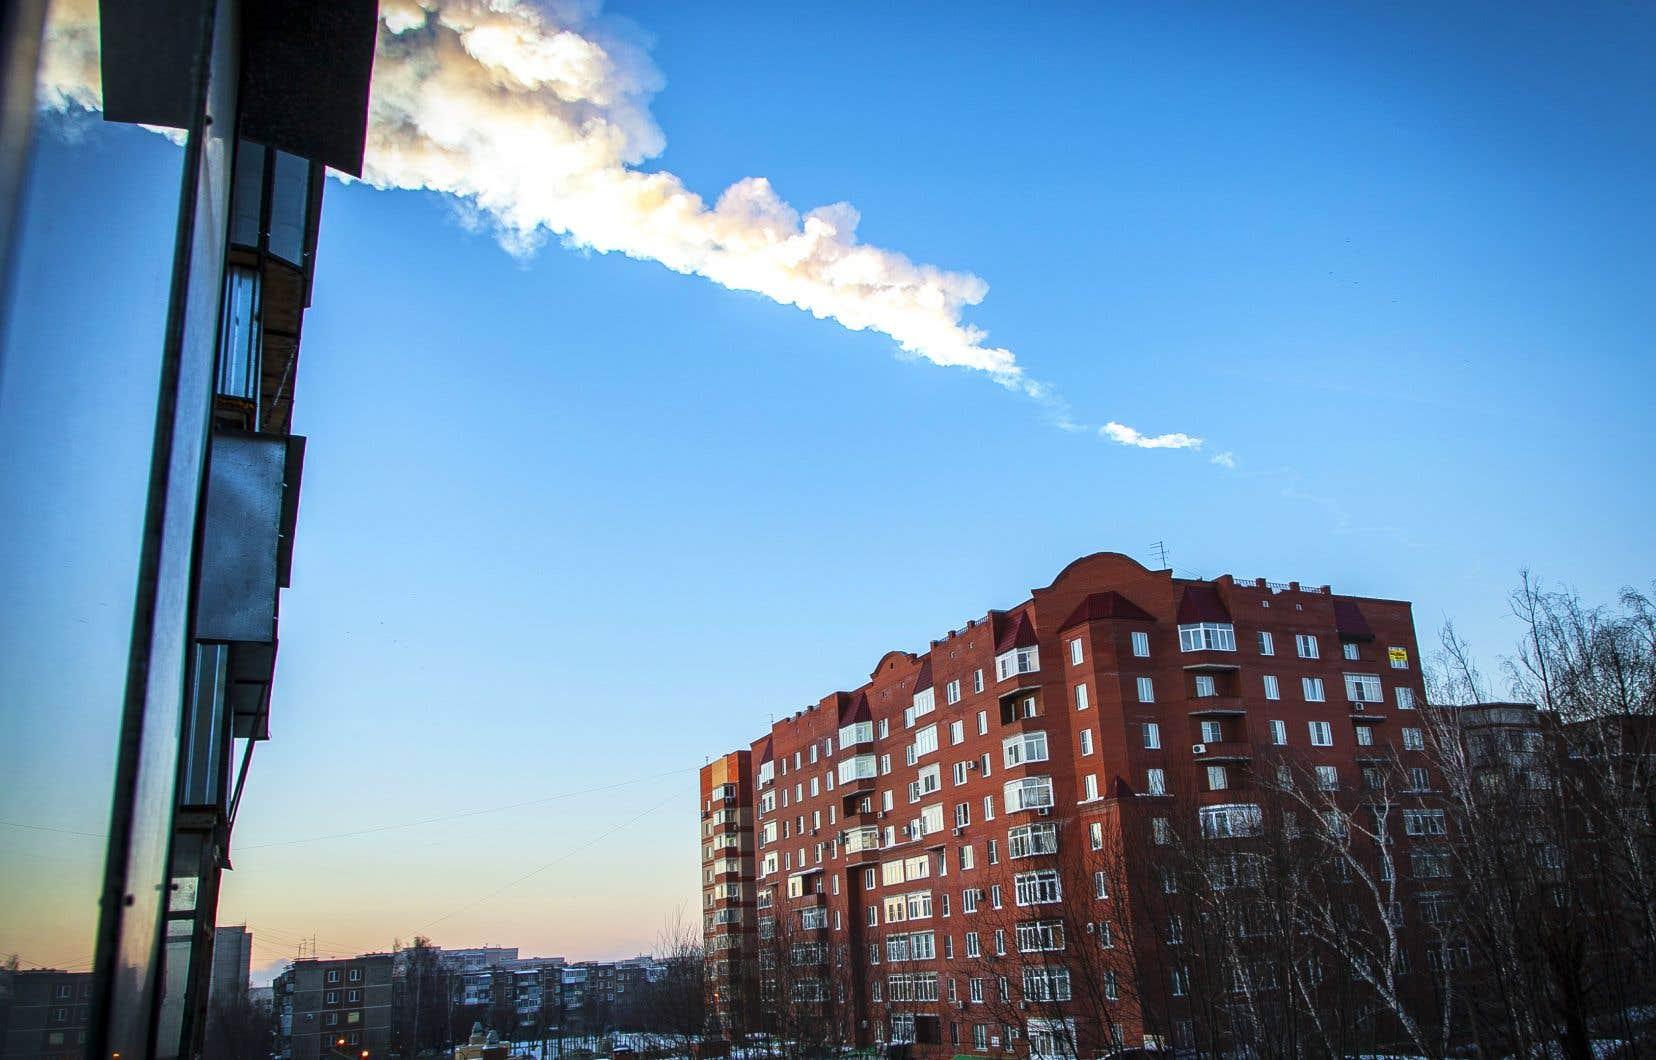 <p>Le 15 février 2013, un astéroïde de 20 mètres est apparu de nulle part et a explosé en entrant dans l'atmosphère, 23 kilomètres au-dessus de la ville russe de Tcheliabinsk.</p>